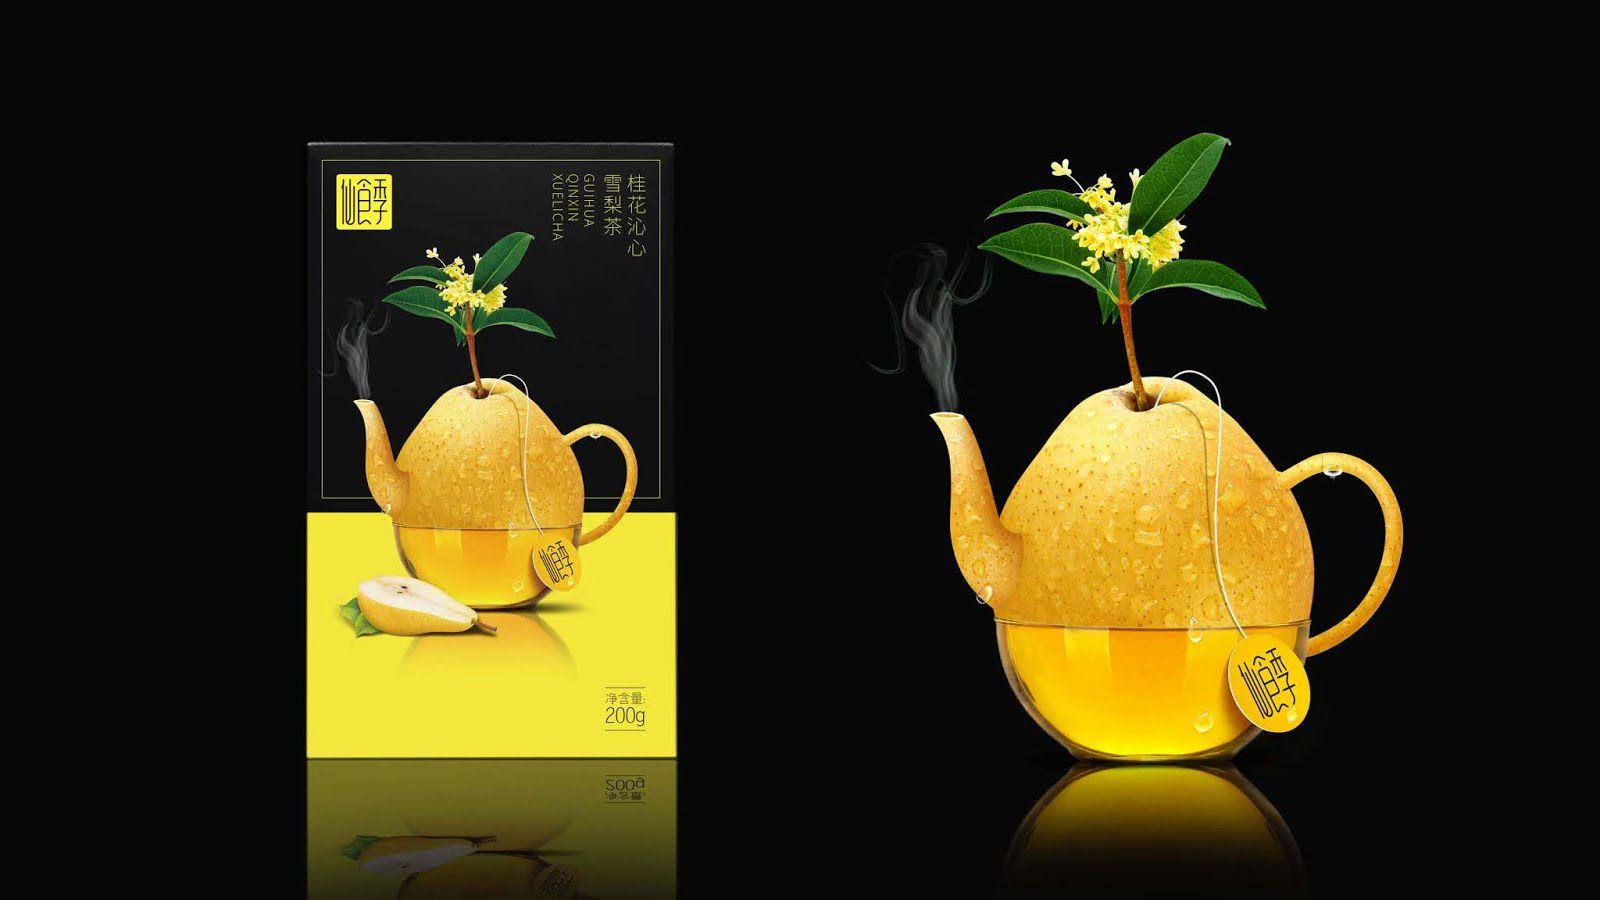 Guo Yu Kong Gu Zhejiang (thé) I Design : FengQiao Design, Chine (mars 2021)